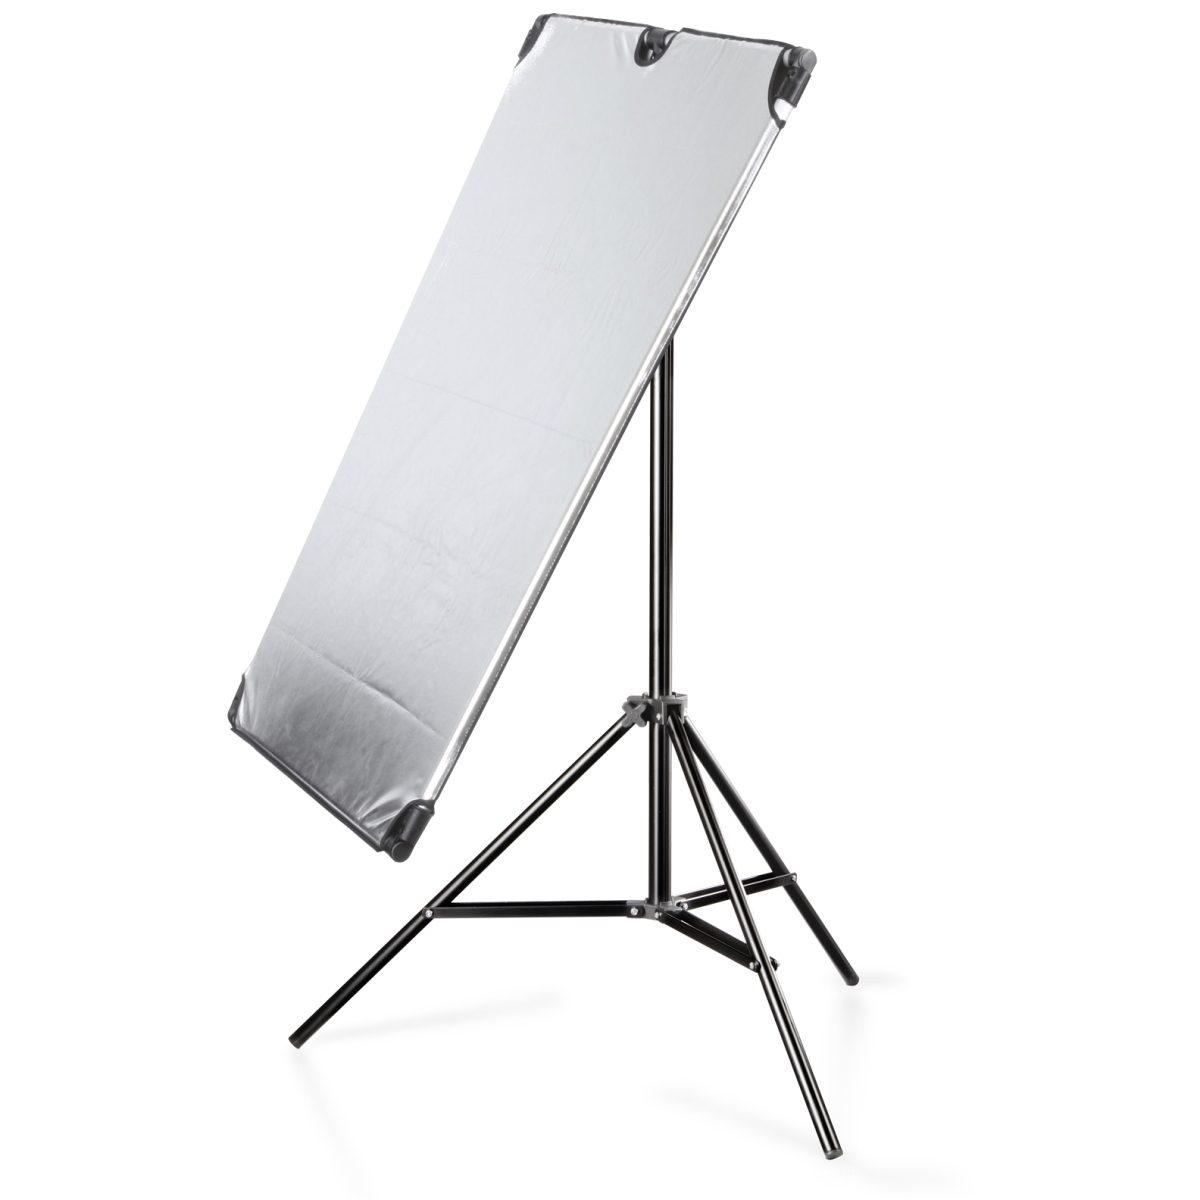 Walimex 4in1 Reflector Board + WT-803 Lamp Tripod